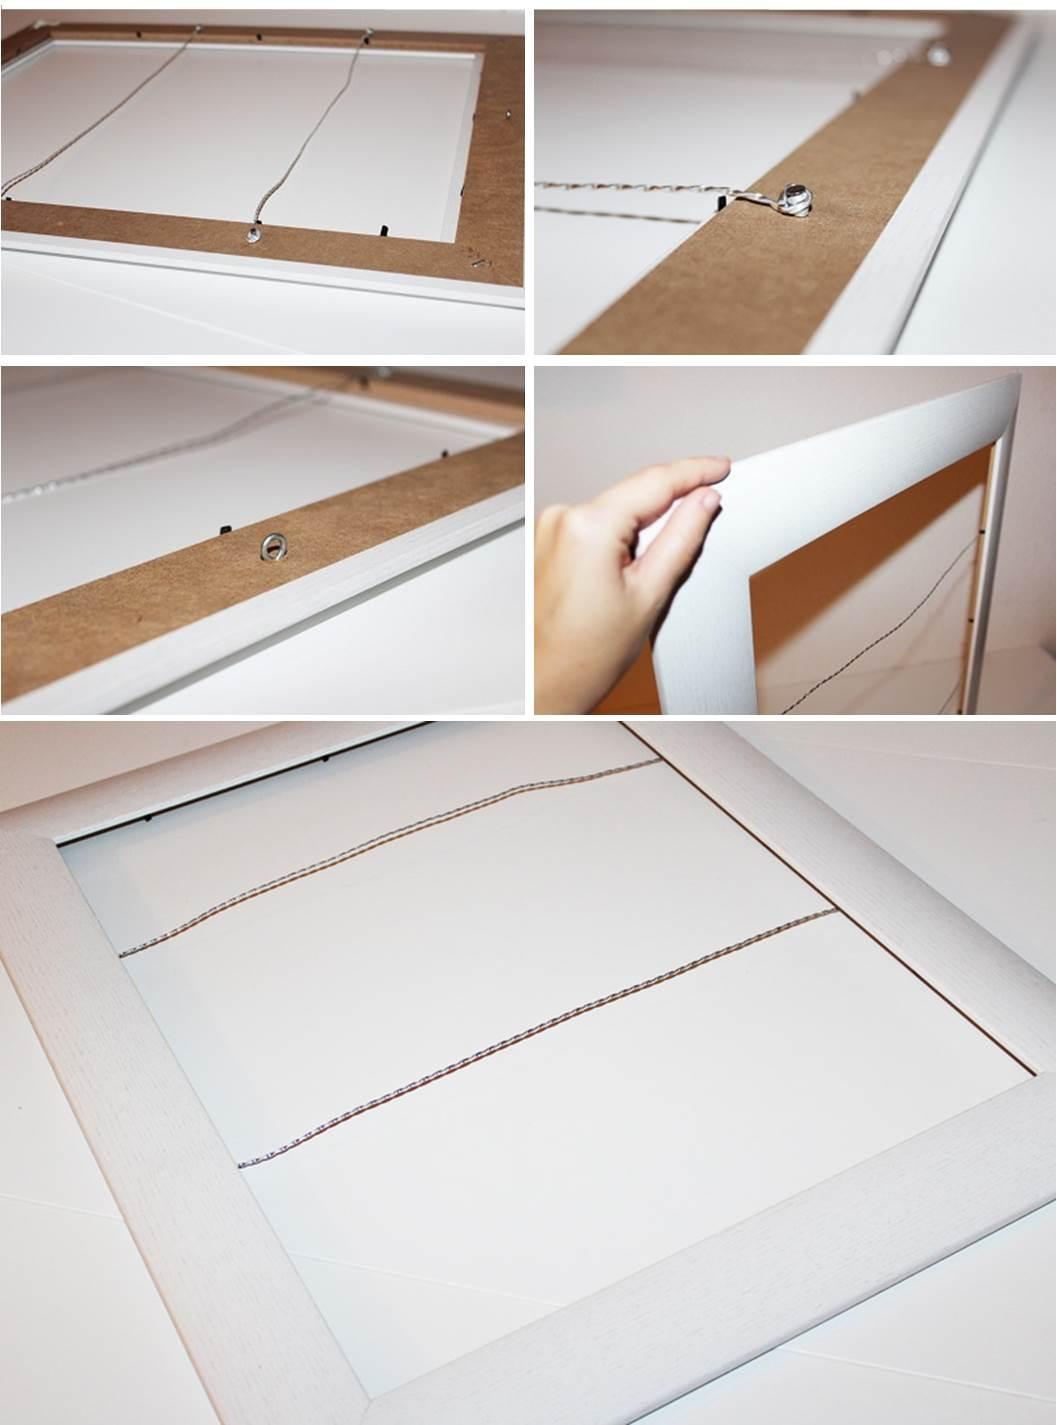 b0e5c1dd2b Alain_Afflelou_DIY_Instrucciones